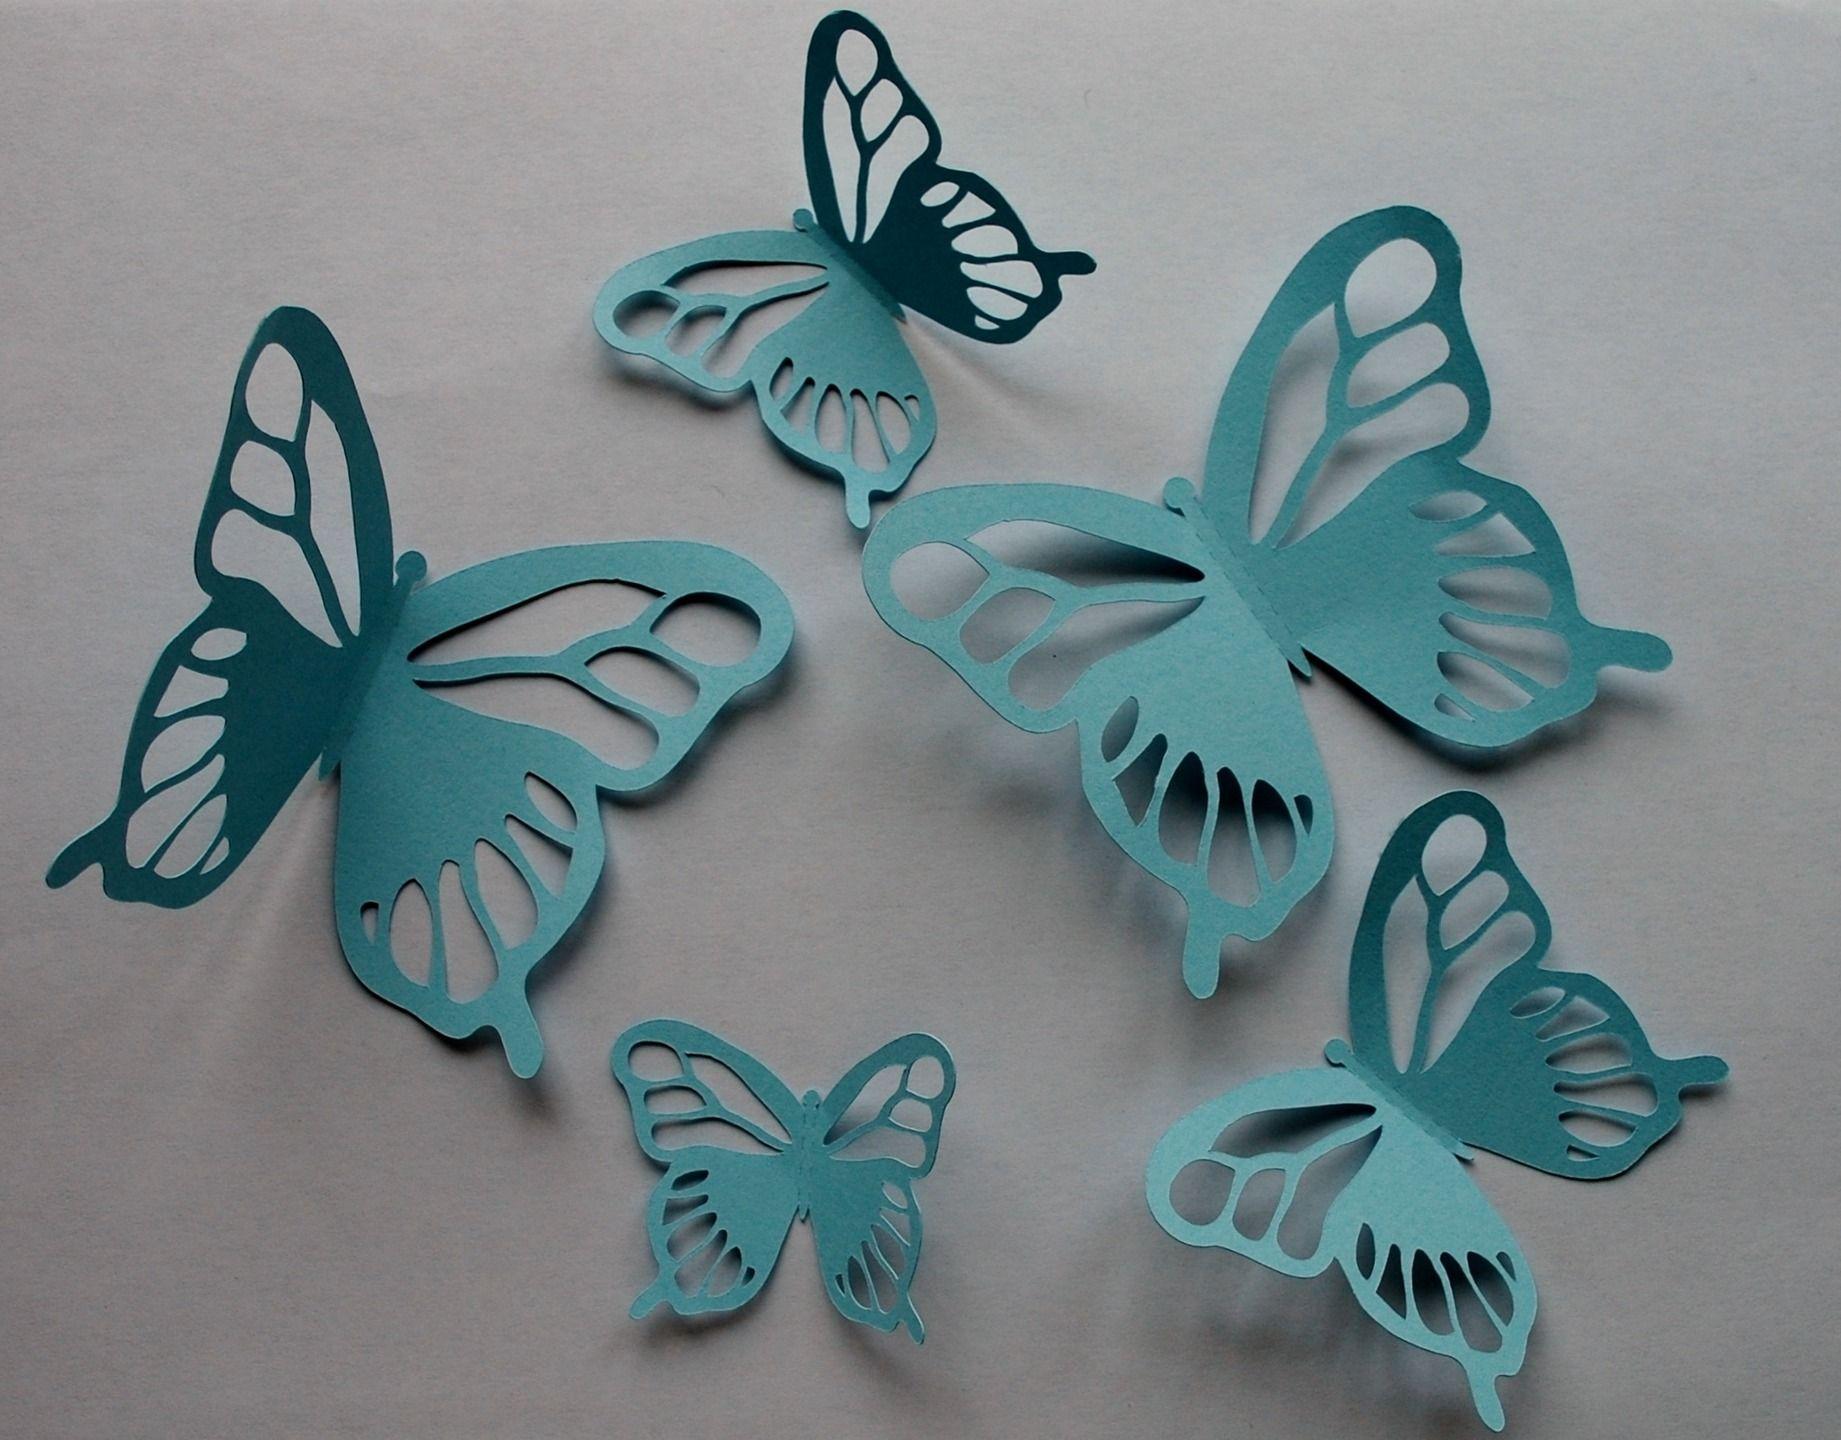 5 papillons en papier bleu pour décoration murale en 3D : Décorations murales par l-amaranthe-creation